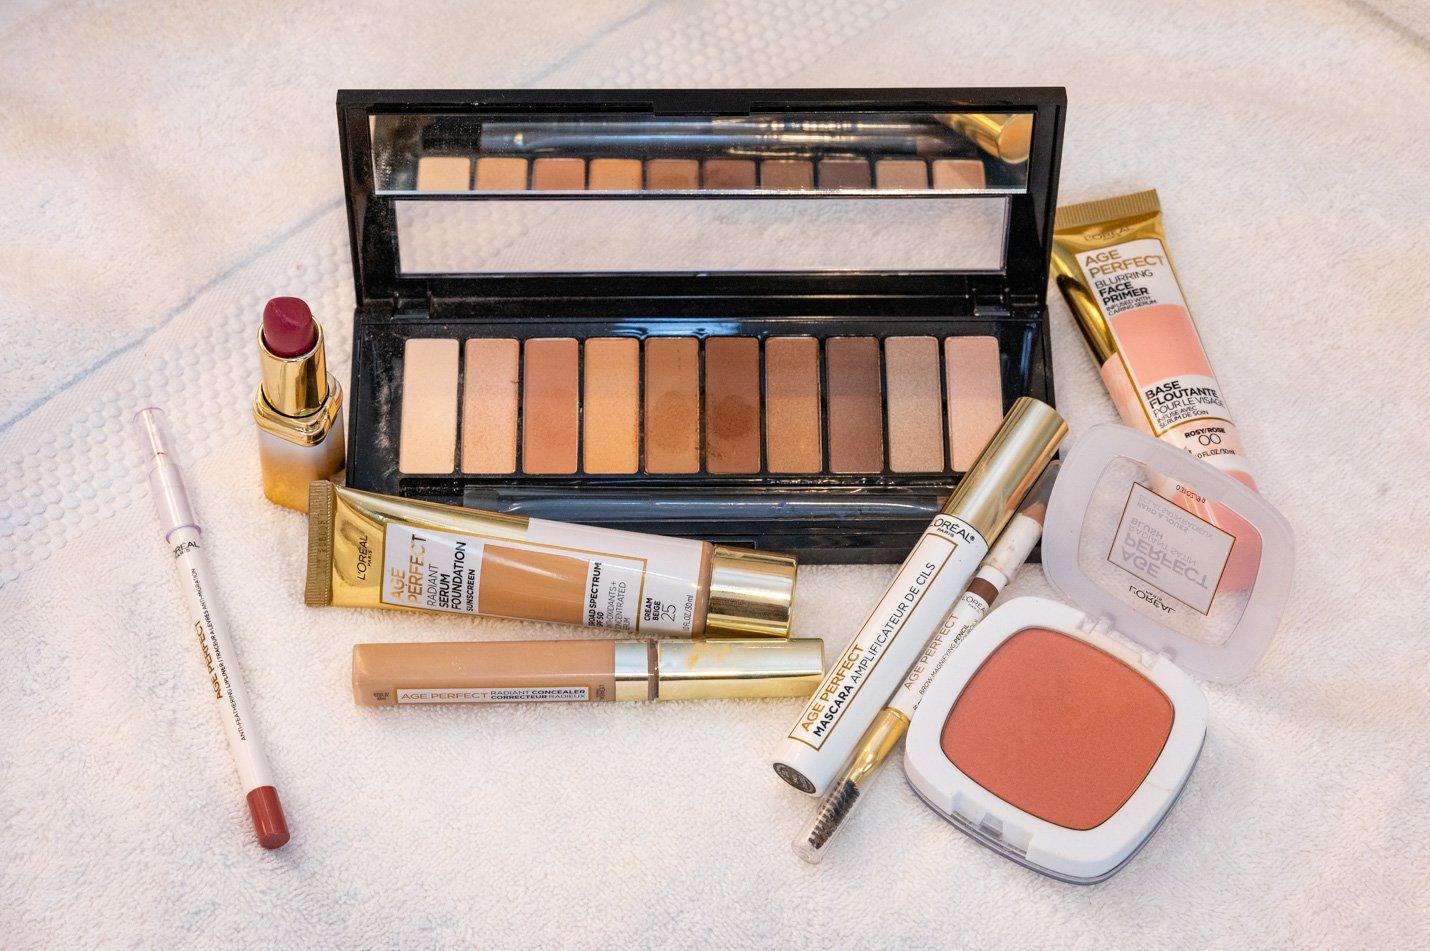 L'Oreal Paris Makeup